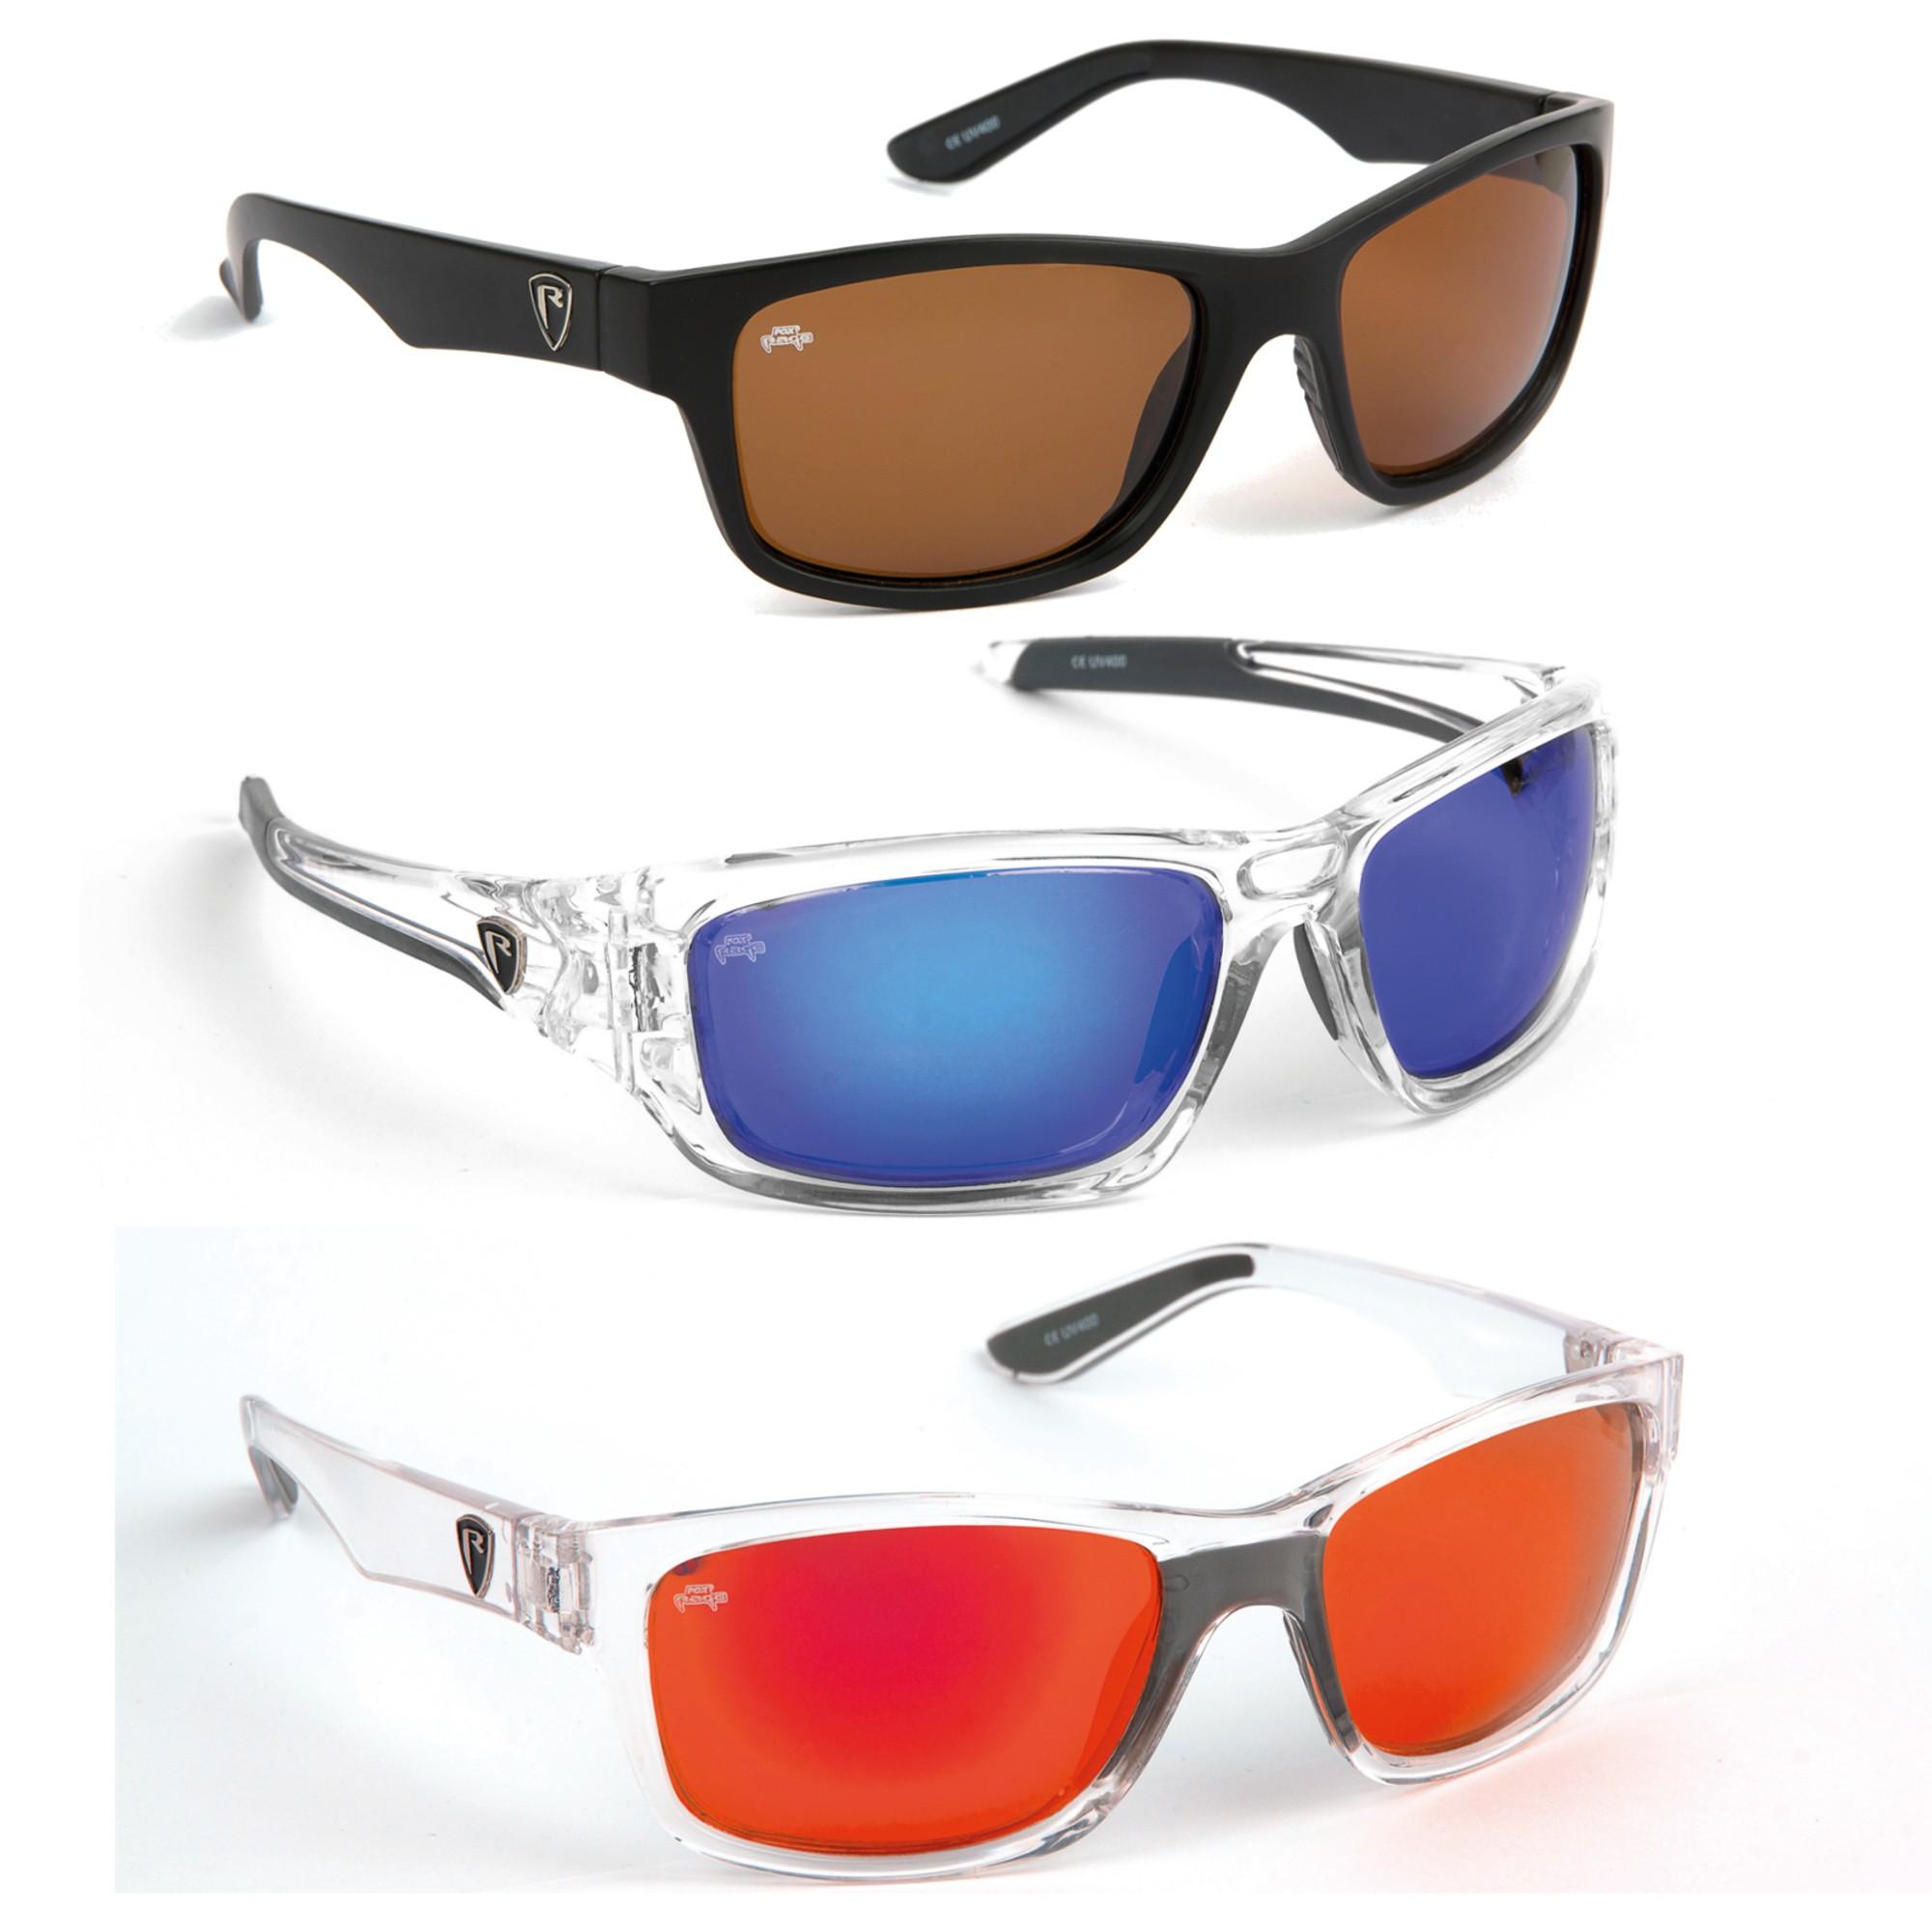 Konger Polarisationsbrille, Sonnenbrille, Sportbrille, Angelbrille, Polbrille